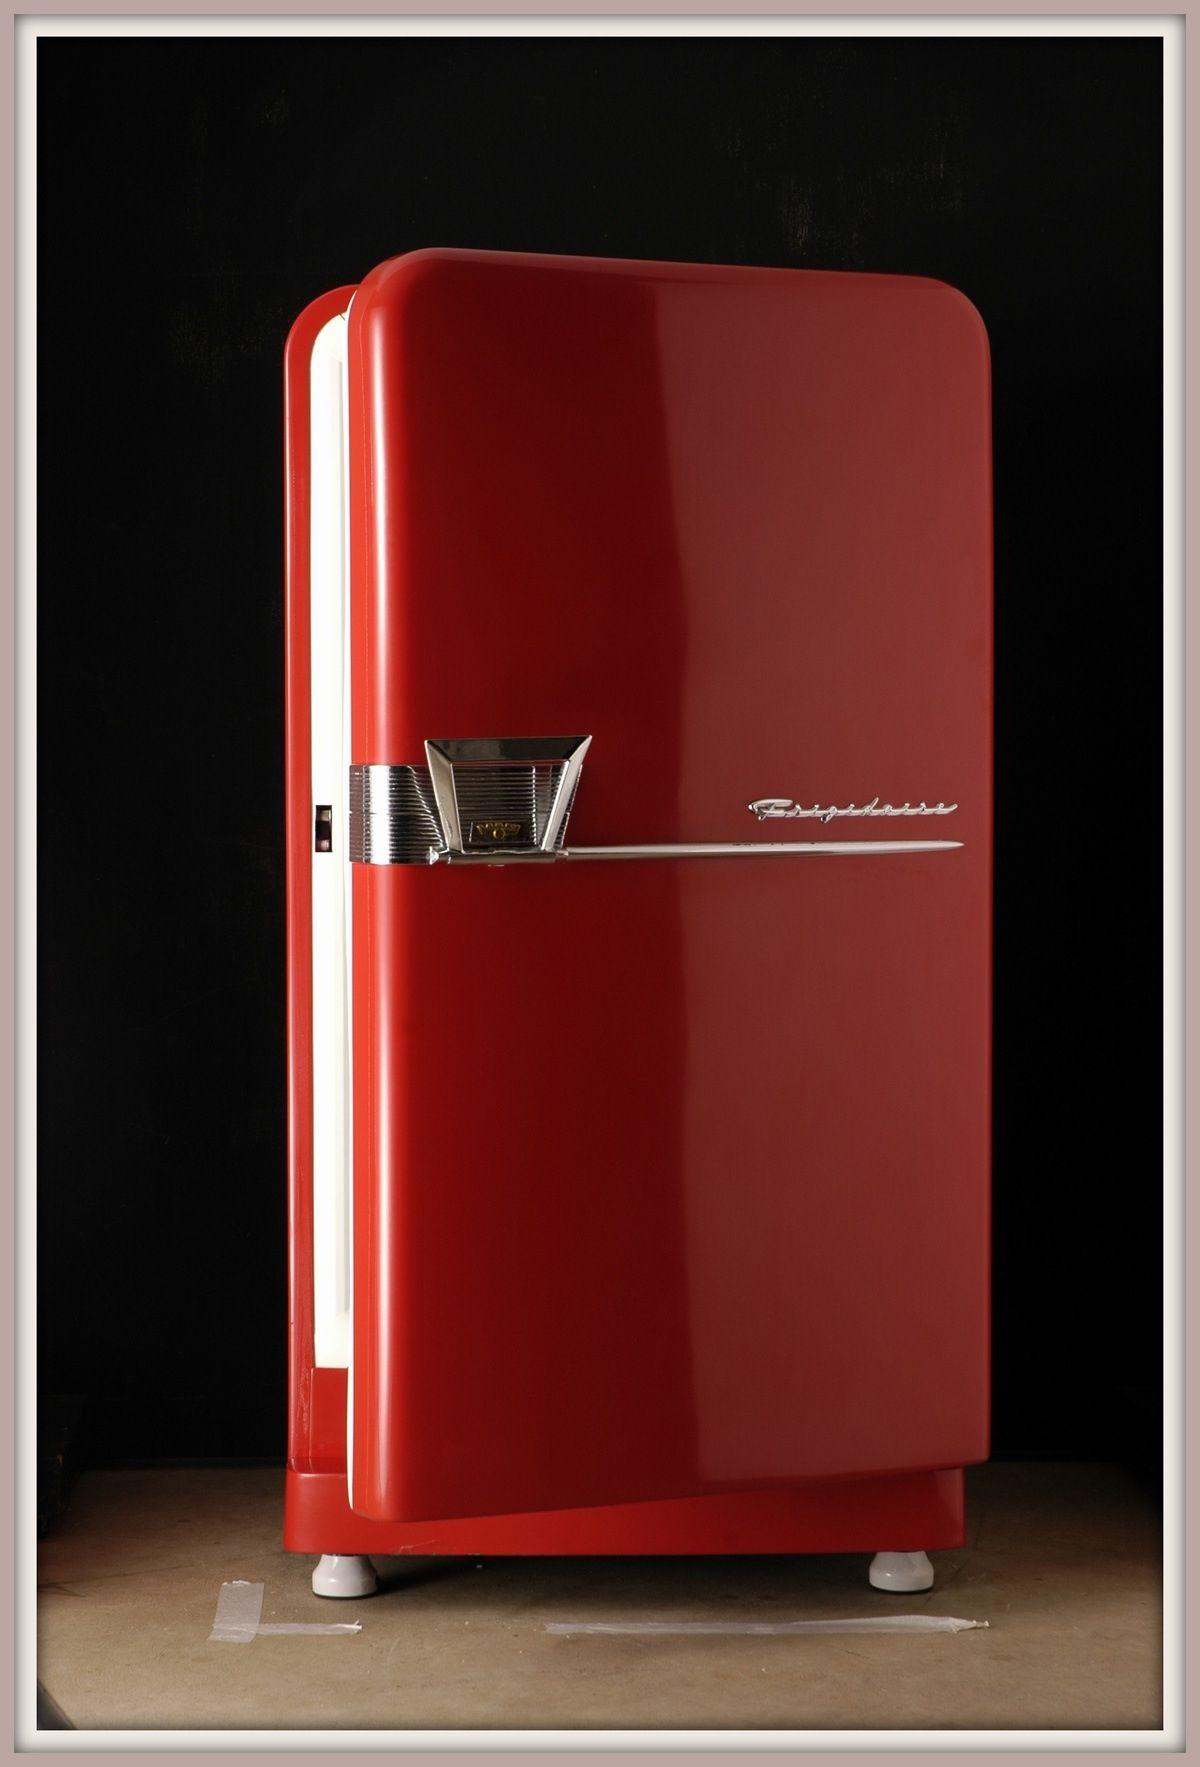 A retro red refrigerator red retro appliances